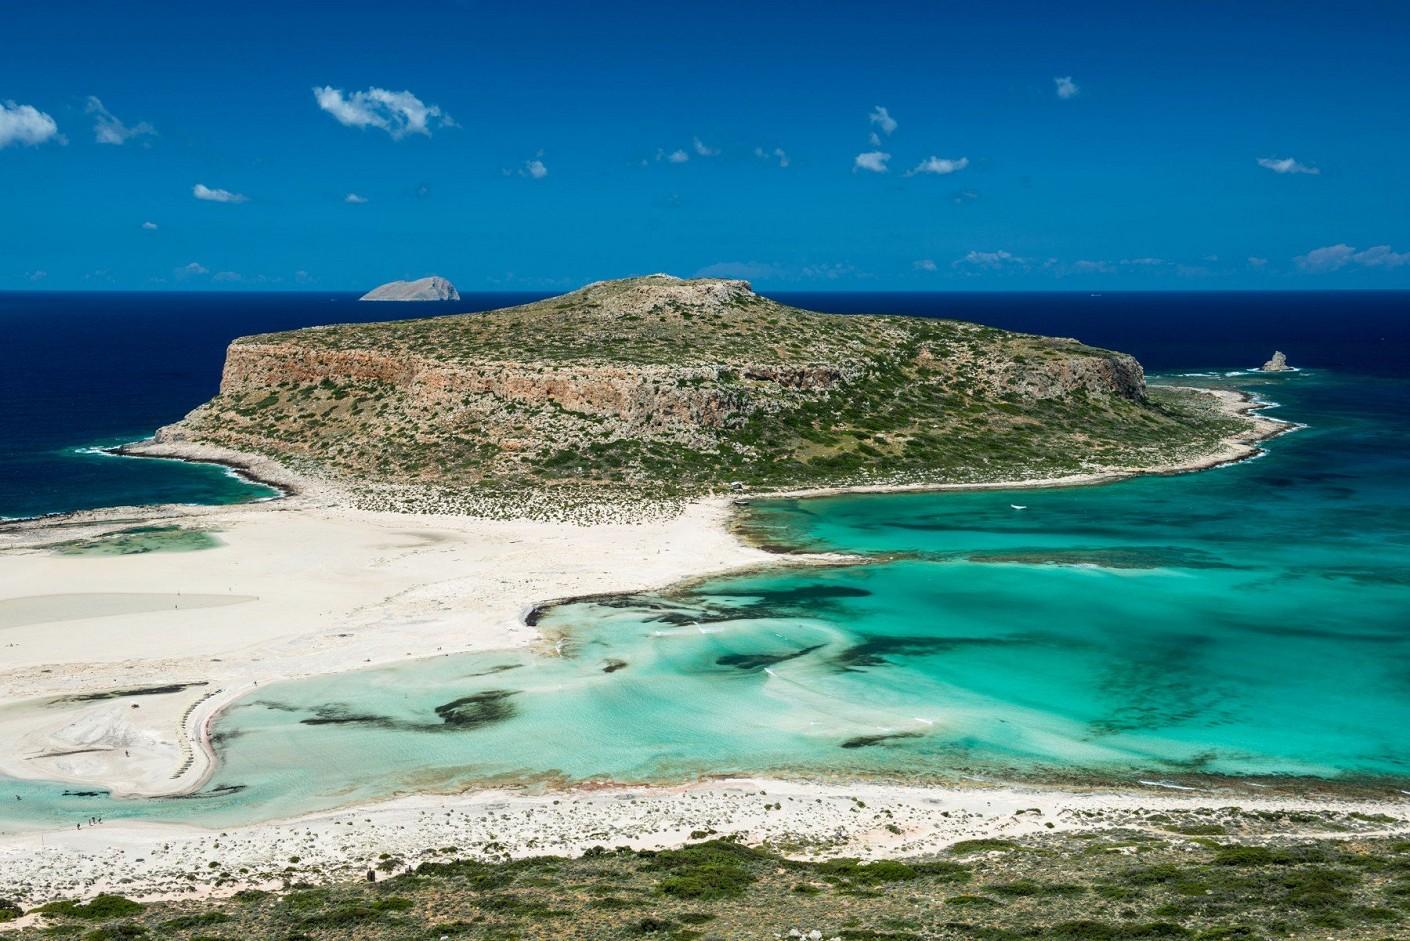 Ką verta žinoti prieš vykstant į Kretą?